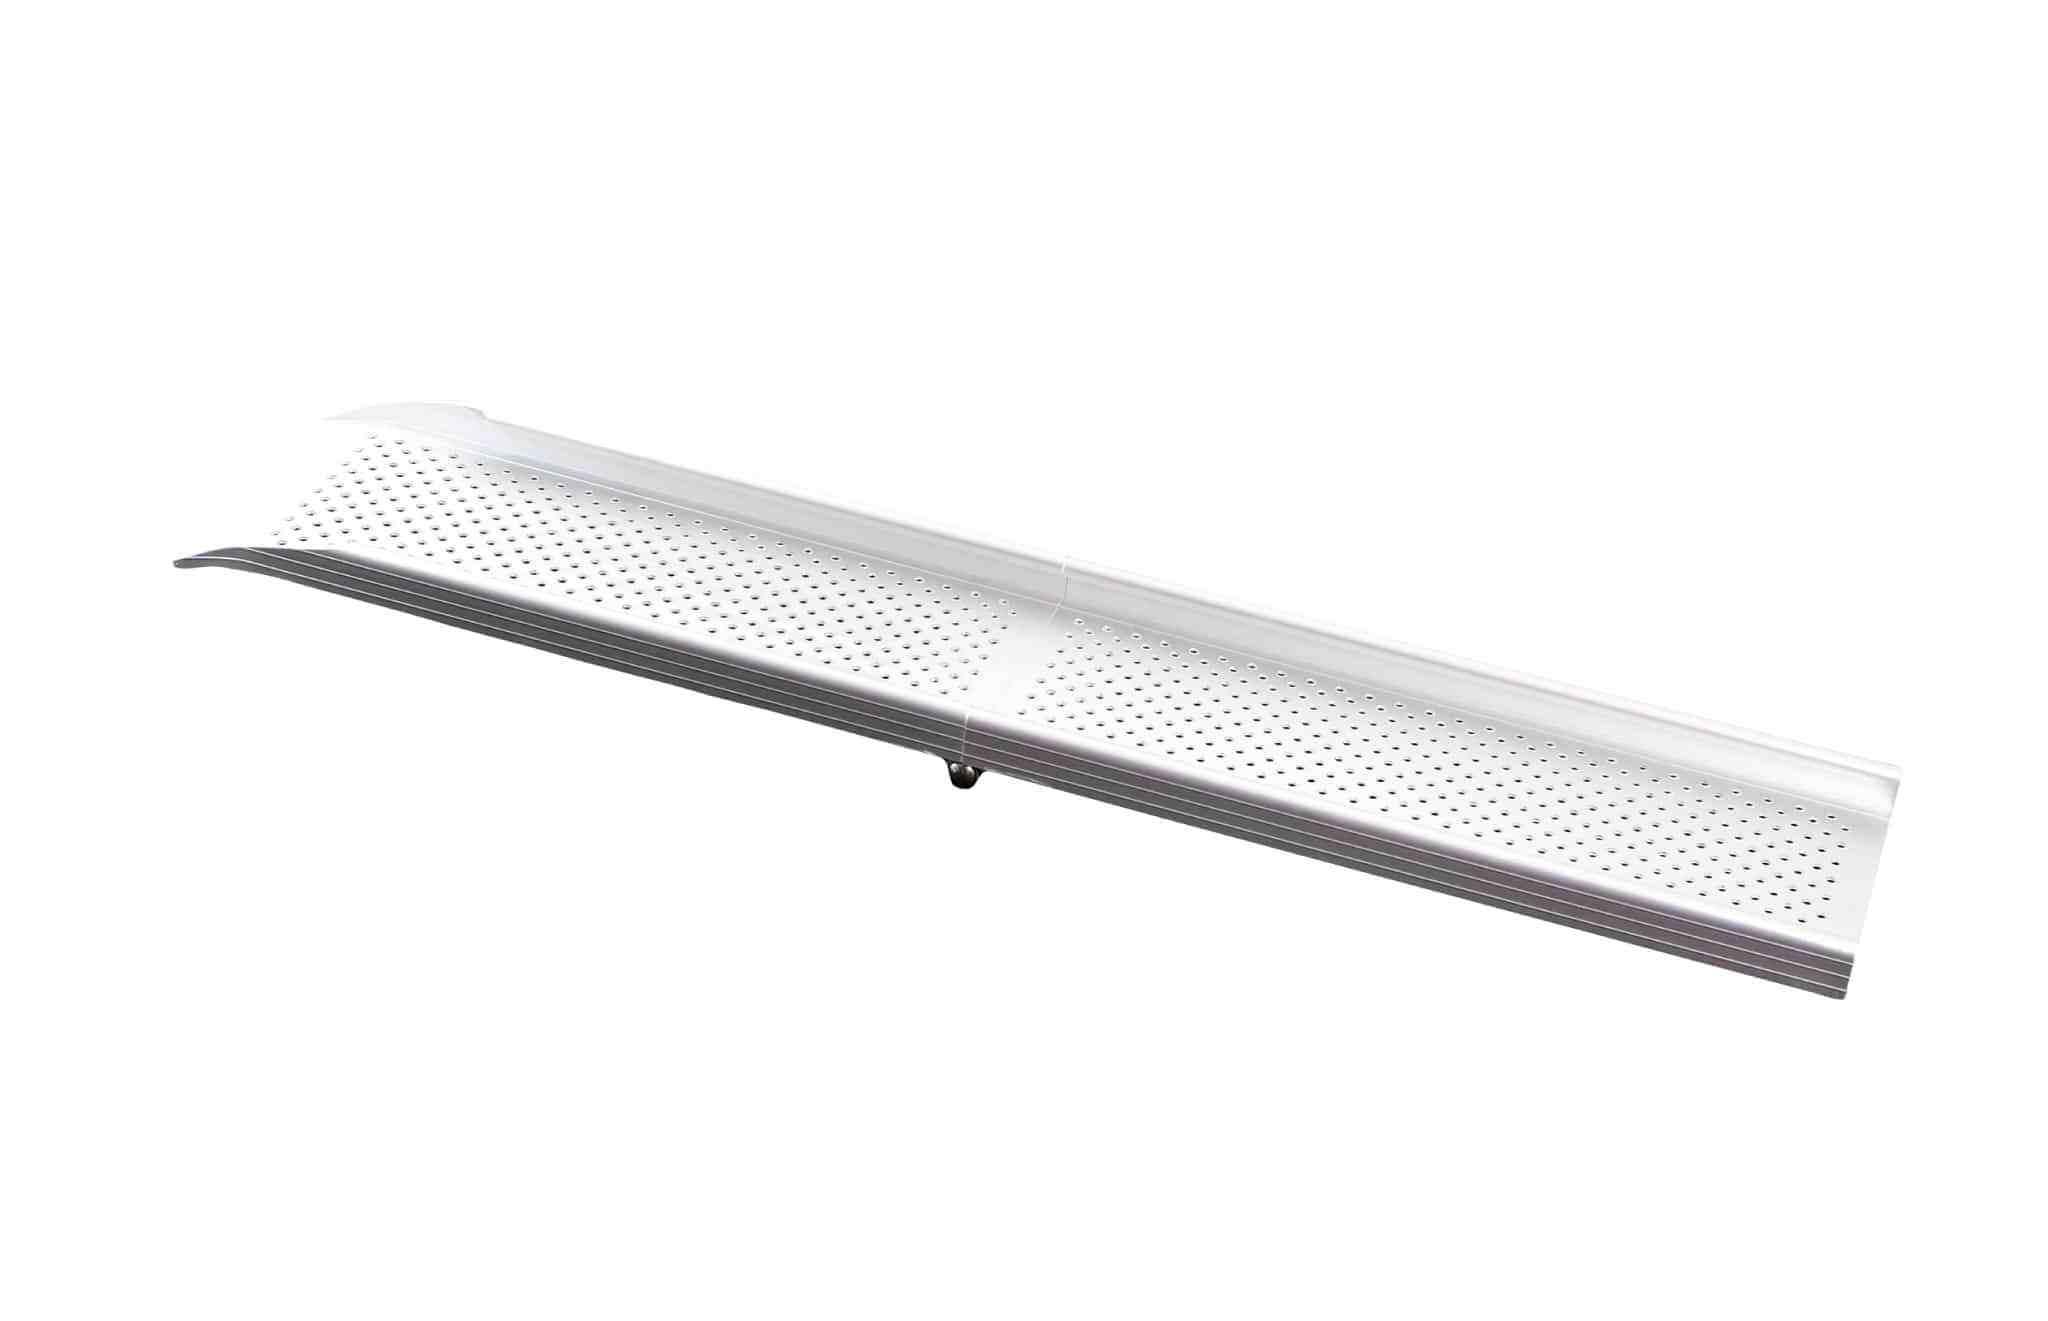 Rampas dobráveis FL110 da Feal portáteis, leves e mais económicas. Compatíveis com cadeiras de rodas manuais e aptas para desníveis de 1 degrau/ 20 cm.